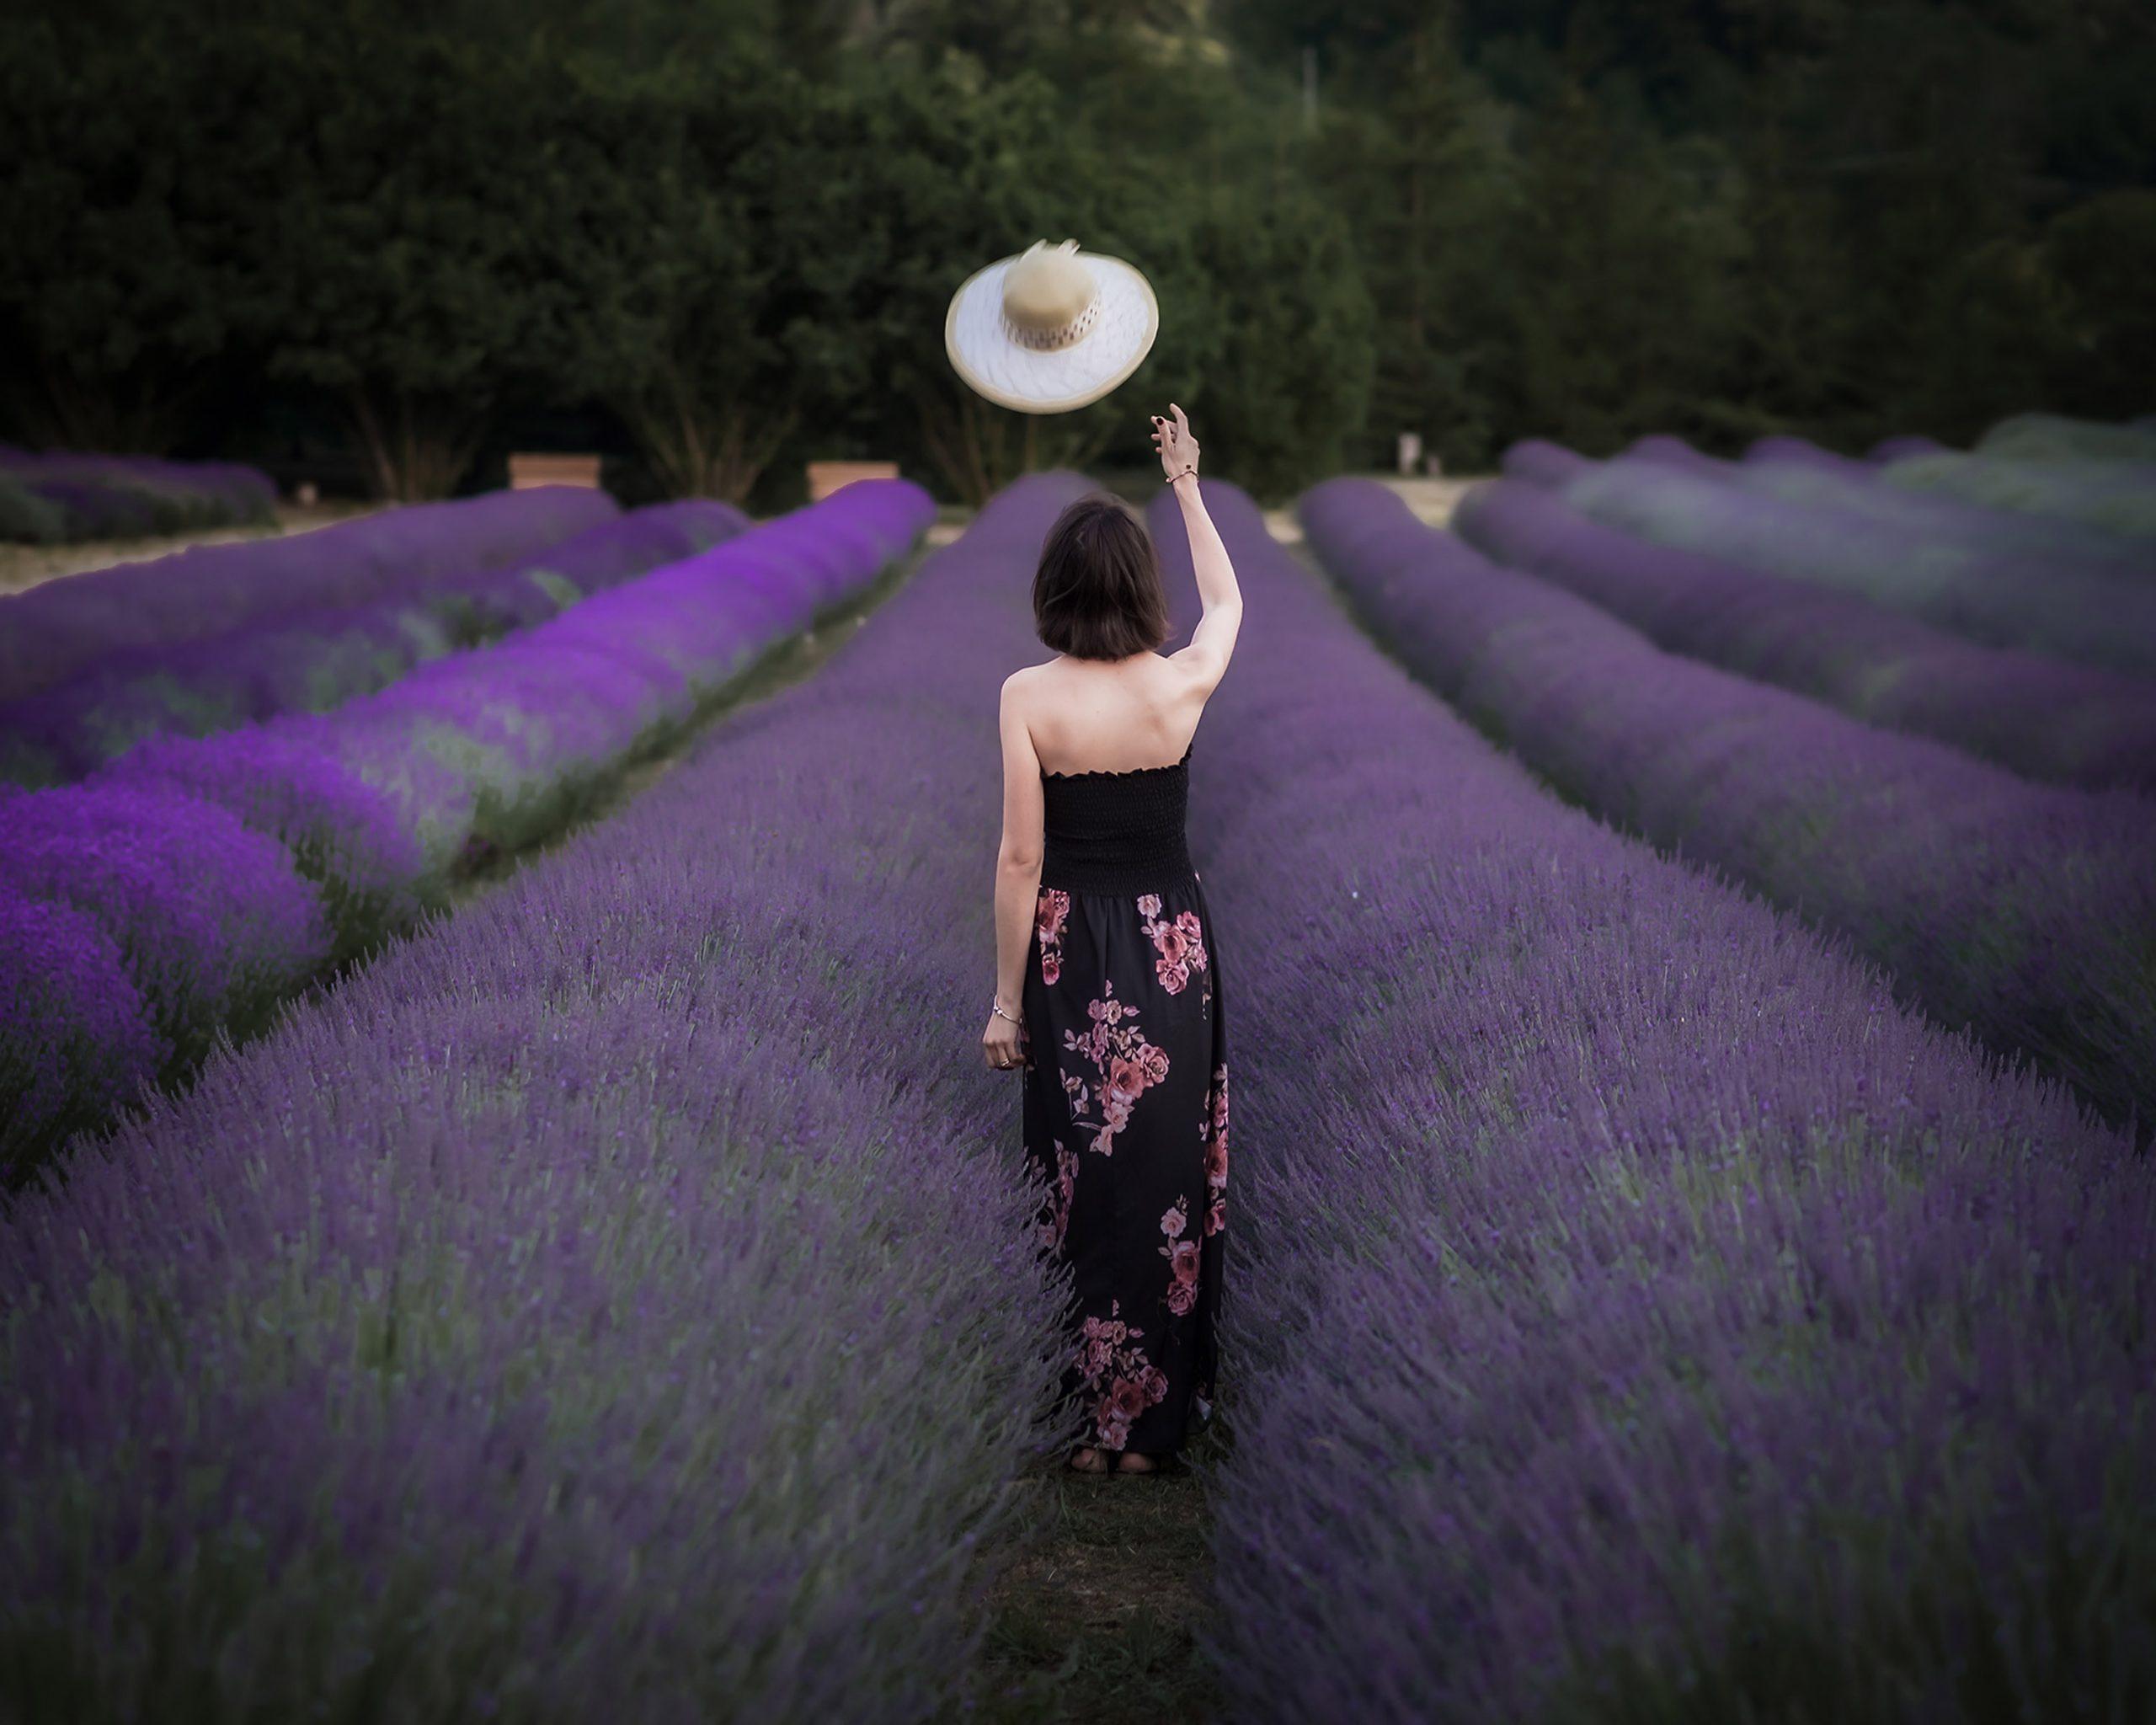 Categorie: Glamour, Landscape & Nature, Portrait; Photographer: FRANCESCO SCALZO; Model: VALERIA ROSSELLI; Location: Parco della lavanda, Contrada Barbalonga, Morano Calabro, CS, Italia